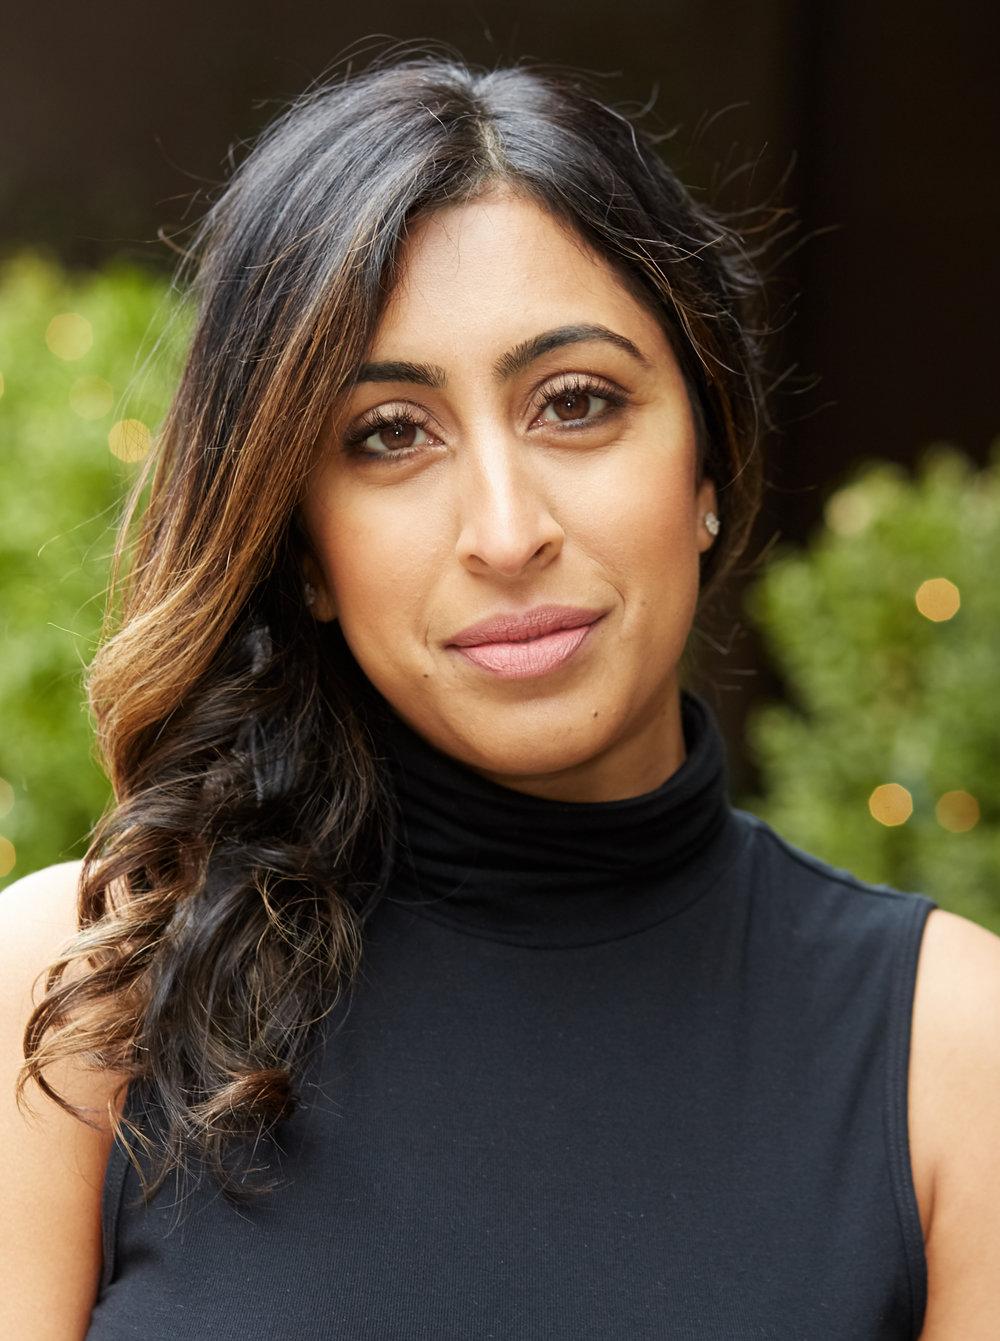 <strong>Shilpa Shenoy</strong>, <em>Markeyting & Digital Stategist</em>